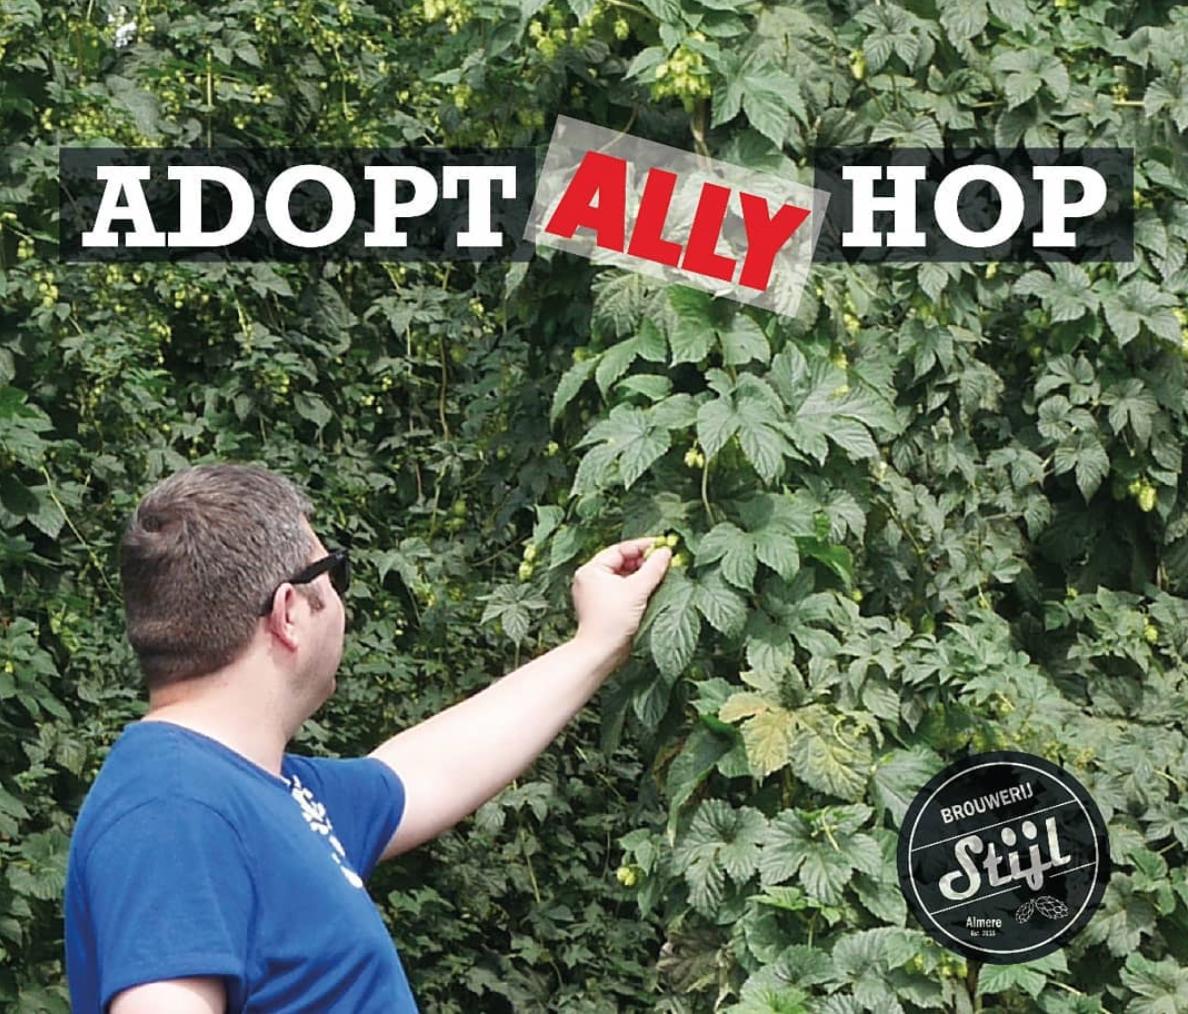 Ally hop adopteren van Brouwerij Stijl